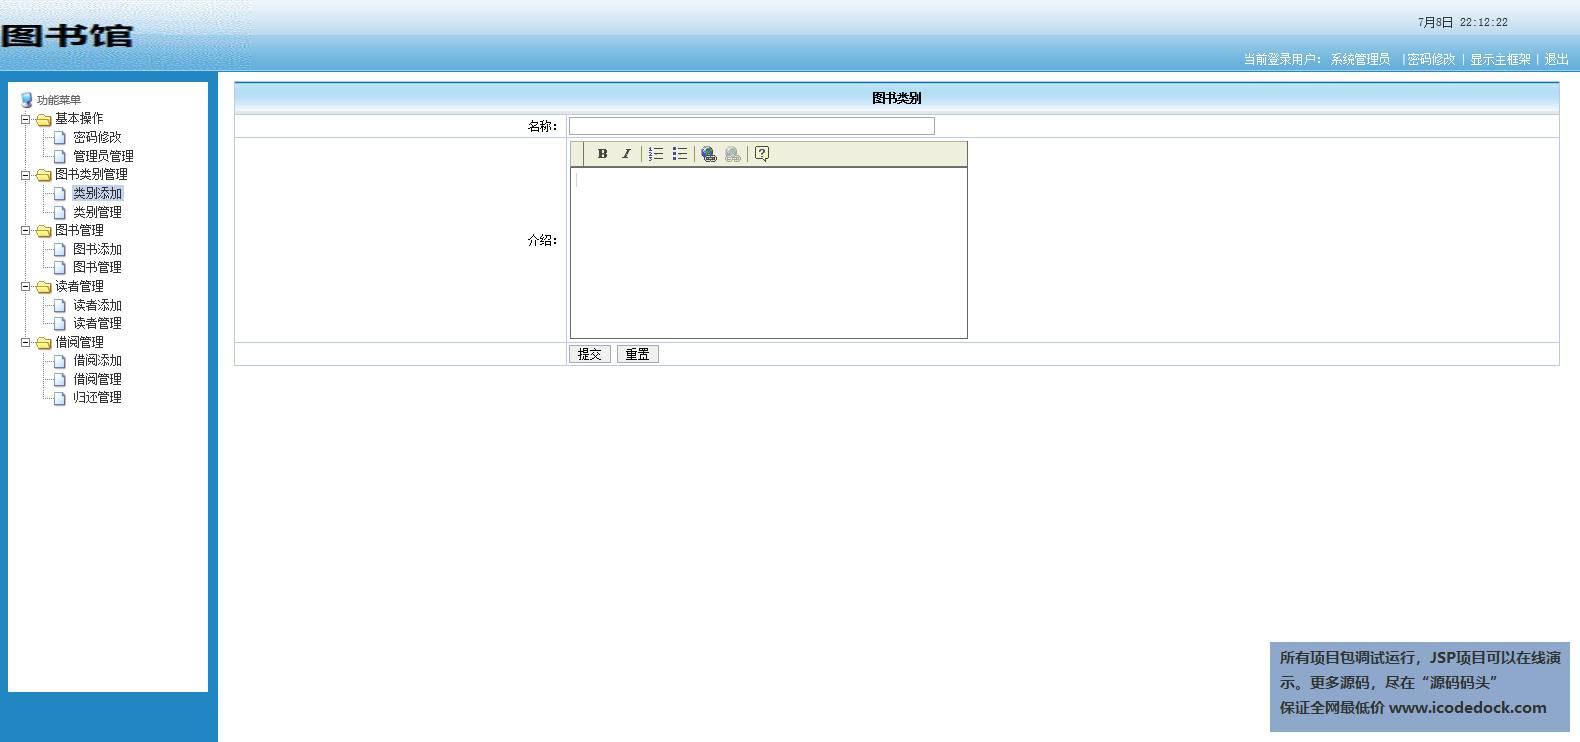 源码码头-JSP图书管理系统-添加类别